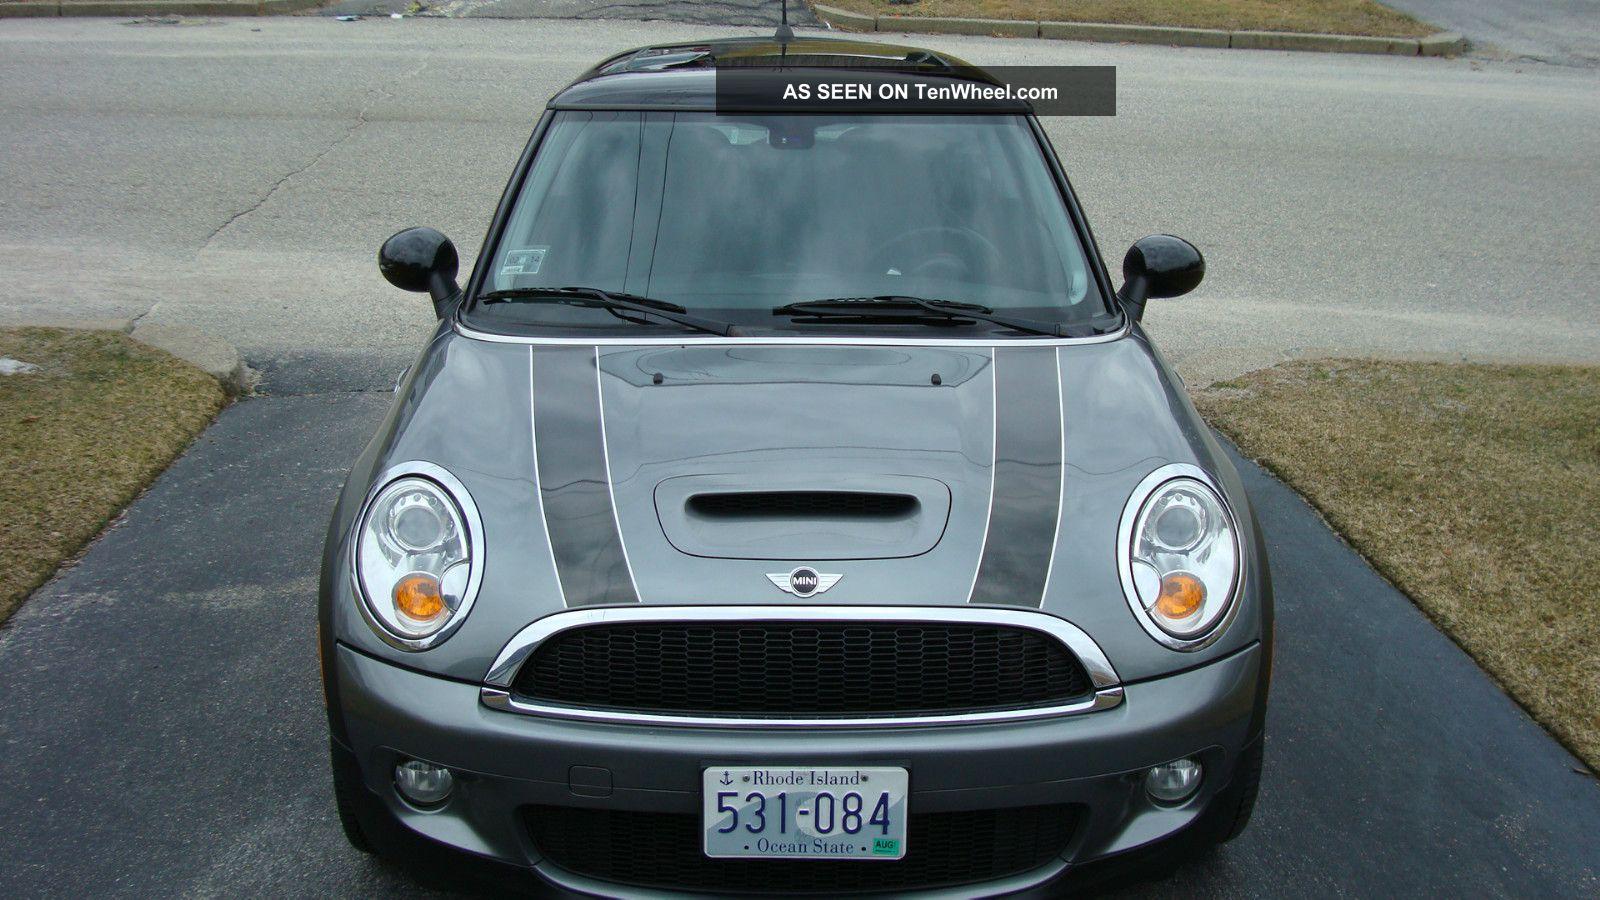 2009 mini cooper s hatchback 2 door 1 6l. Black Bedroom Furniture Sets. Home Design Ideas